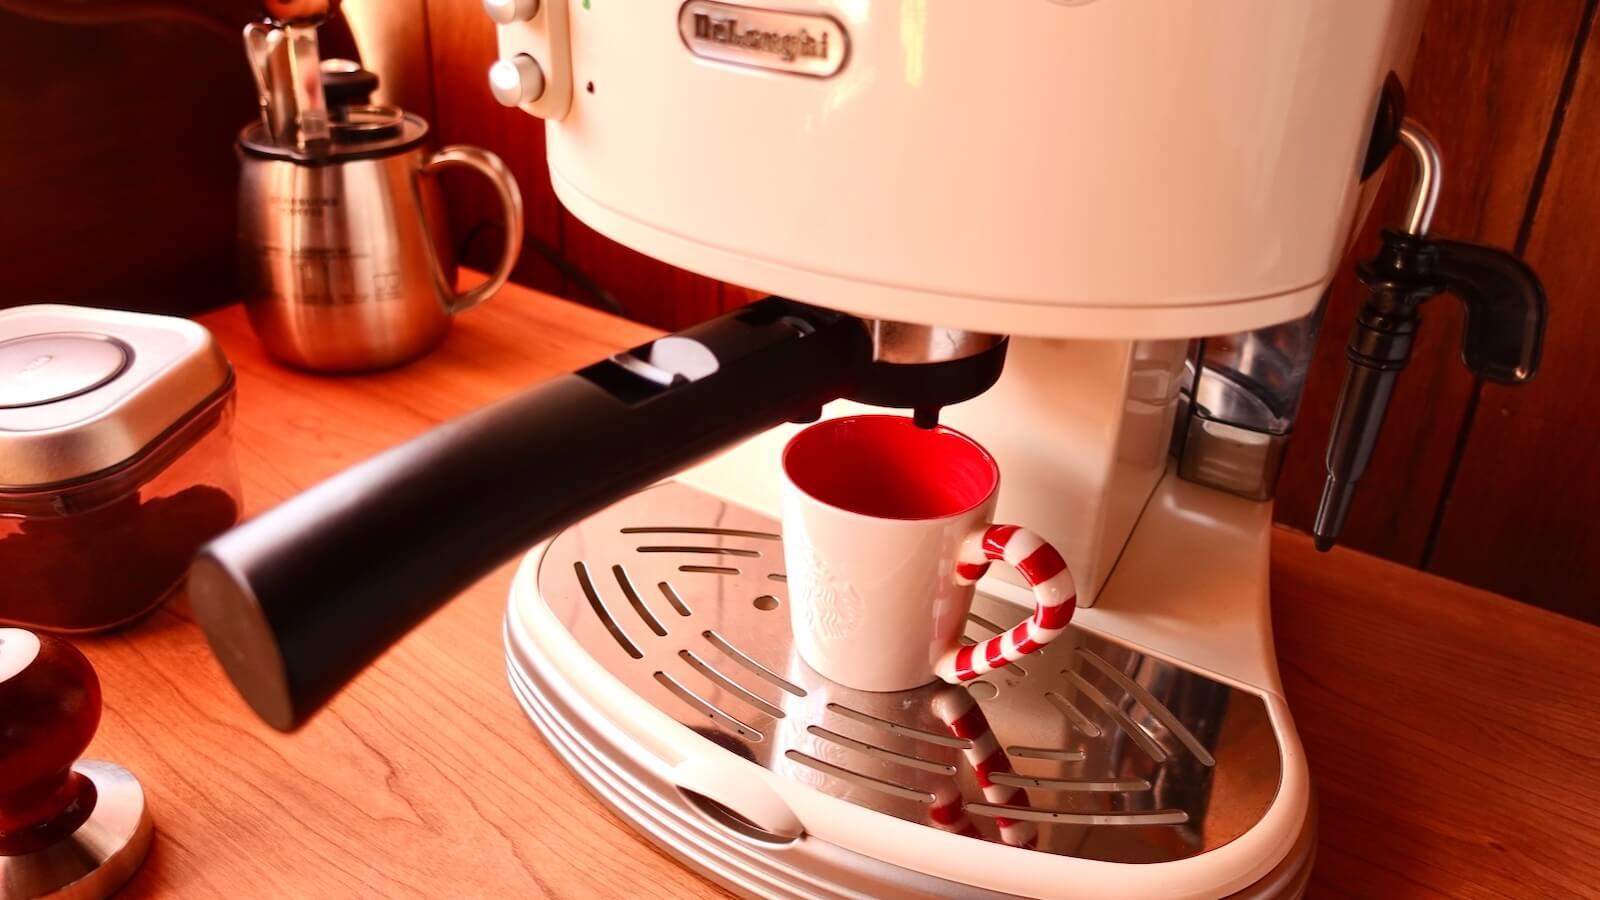 Delonghi Espresso Machine ECM300J Demitasse Cup Set